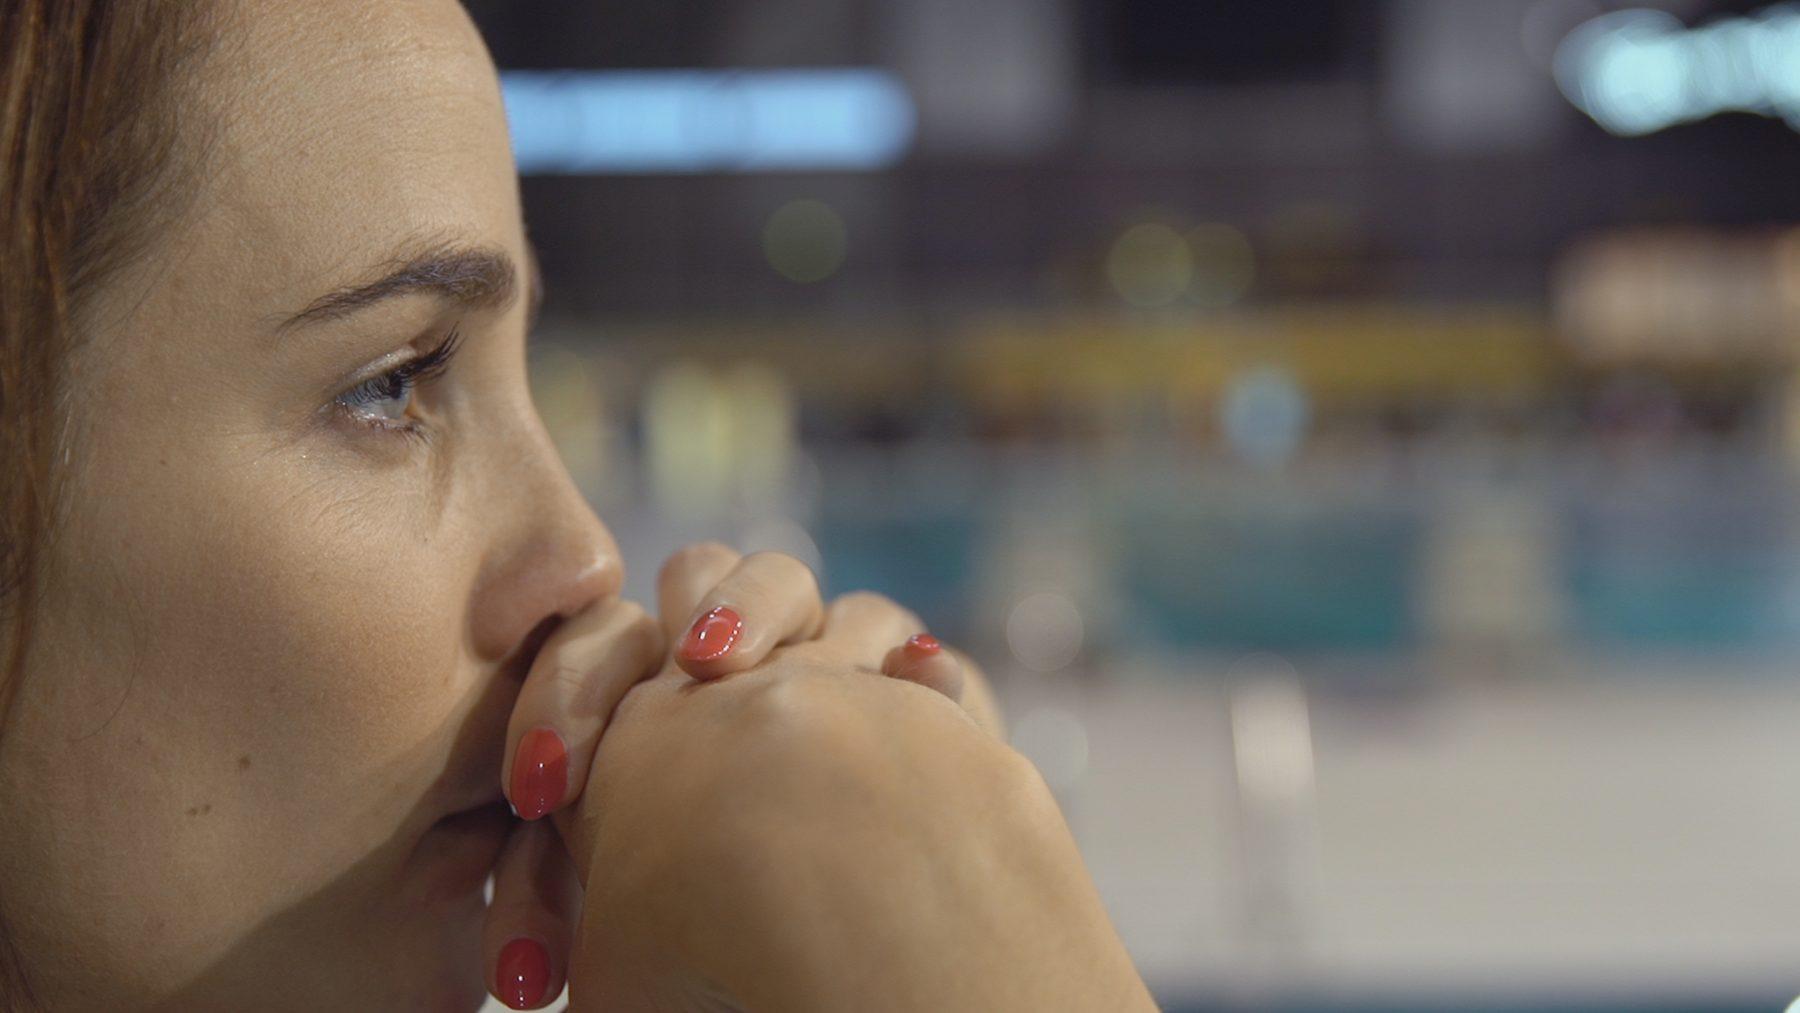 Gwen vertelt in documentaire 'Groomed' over haar mishandeling: 'Filmen werkt therapeutisch'